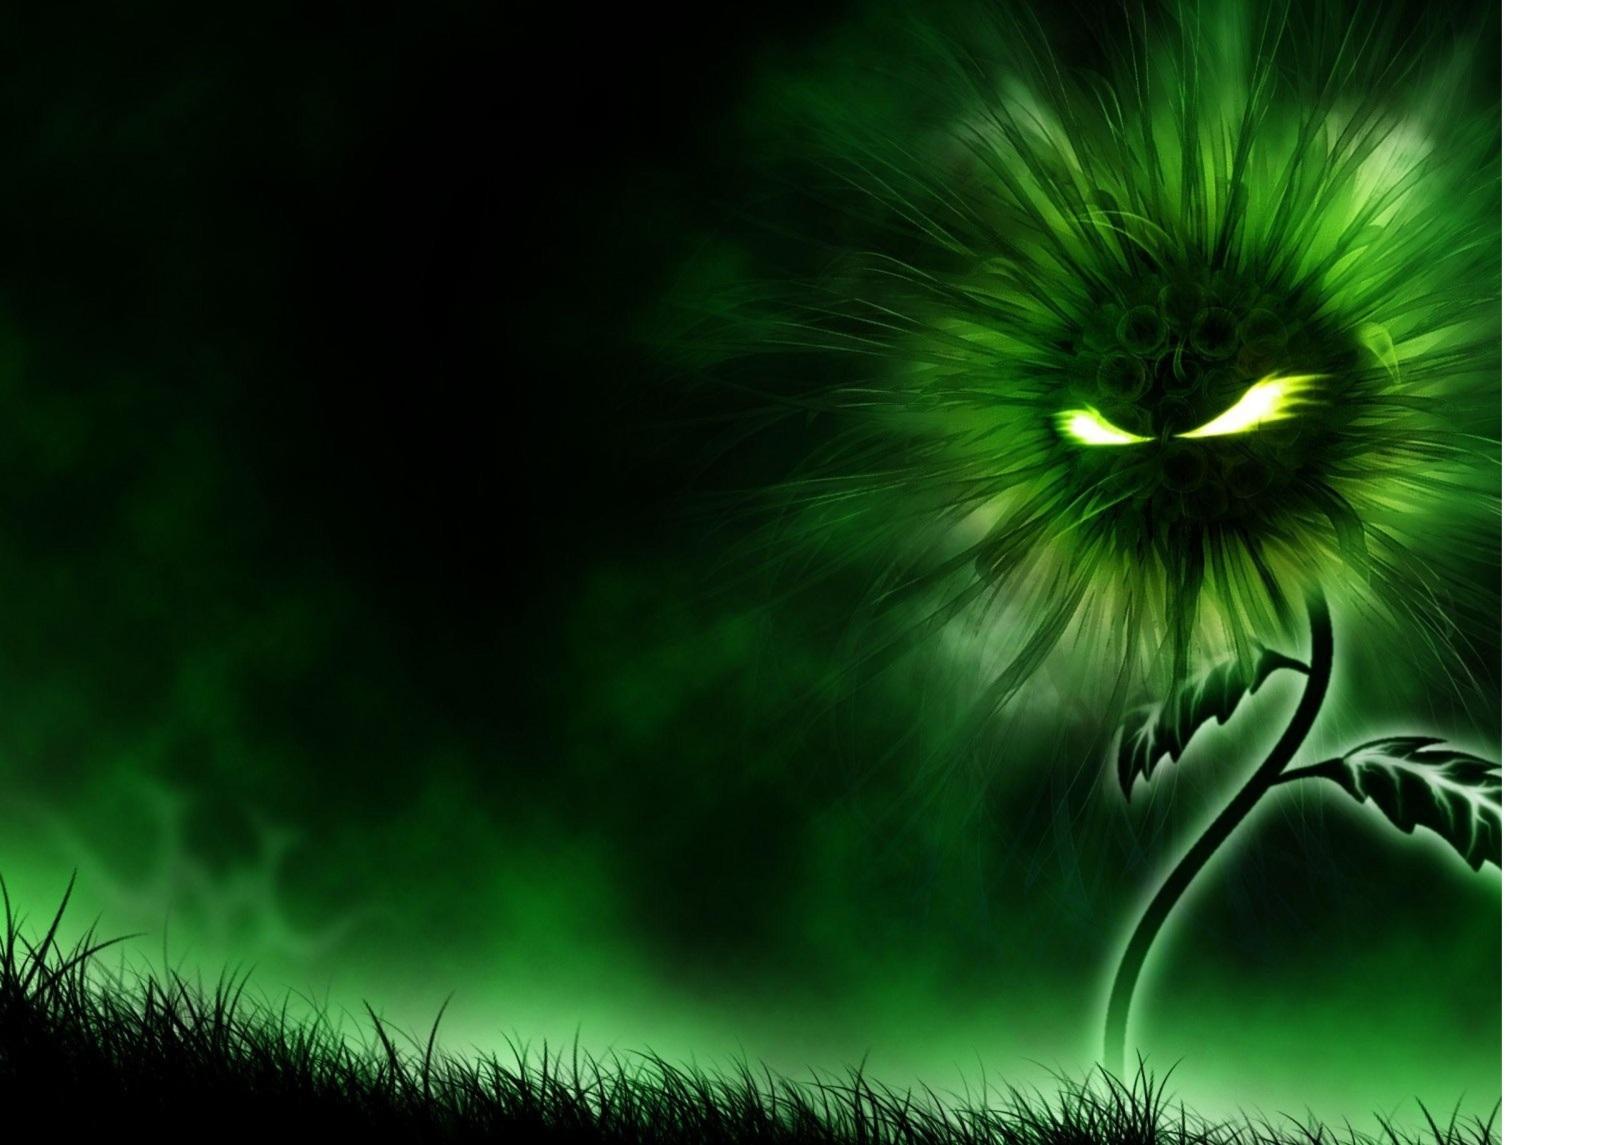 فلم الرسوم المتحركة Hulk 2emfn2w